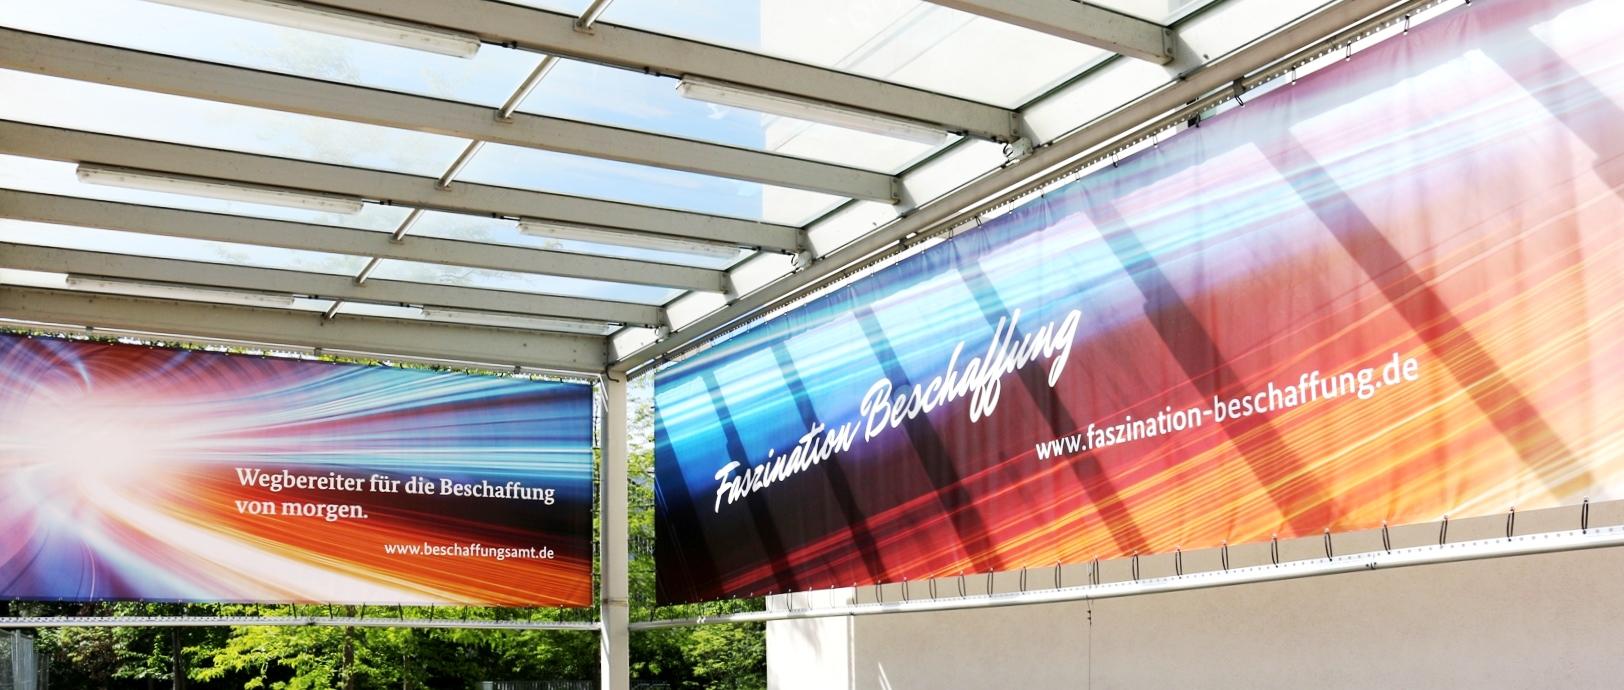 Bild: Banner am Eingang des Beschaffungsamts des BMI mit dem Titel der Webseite